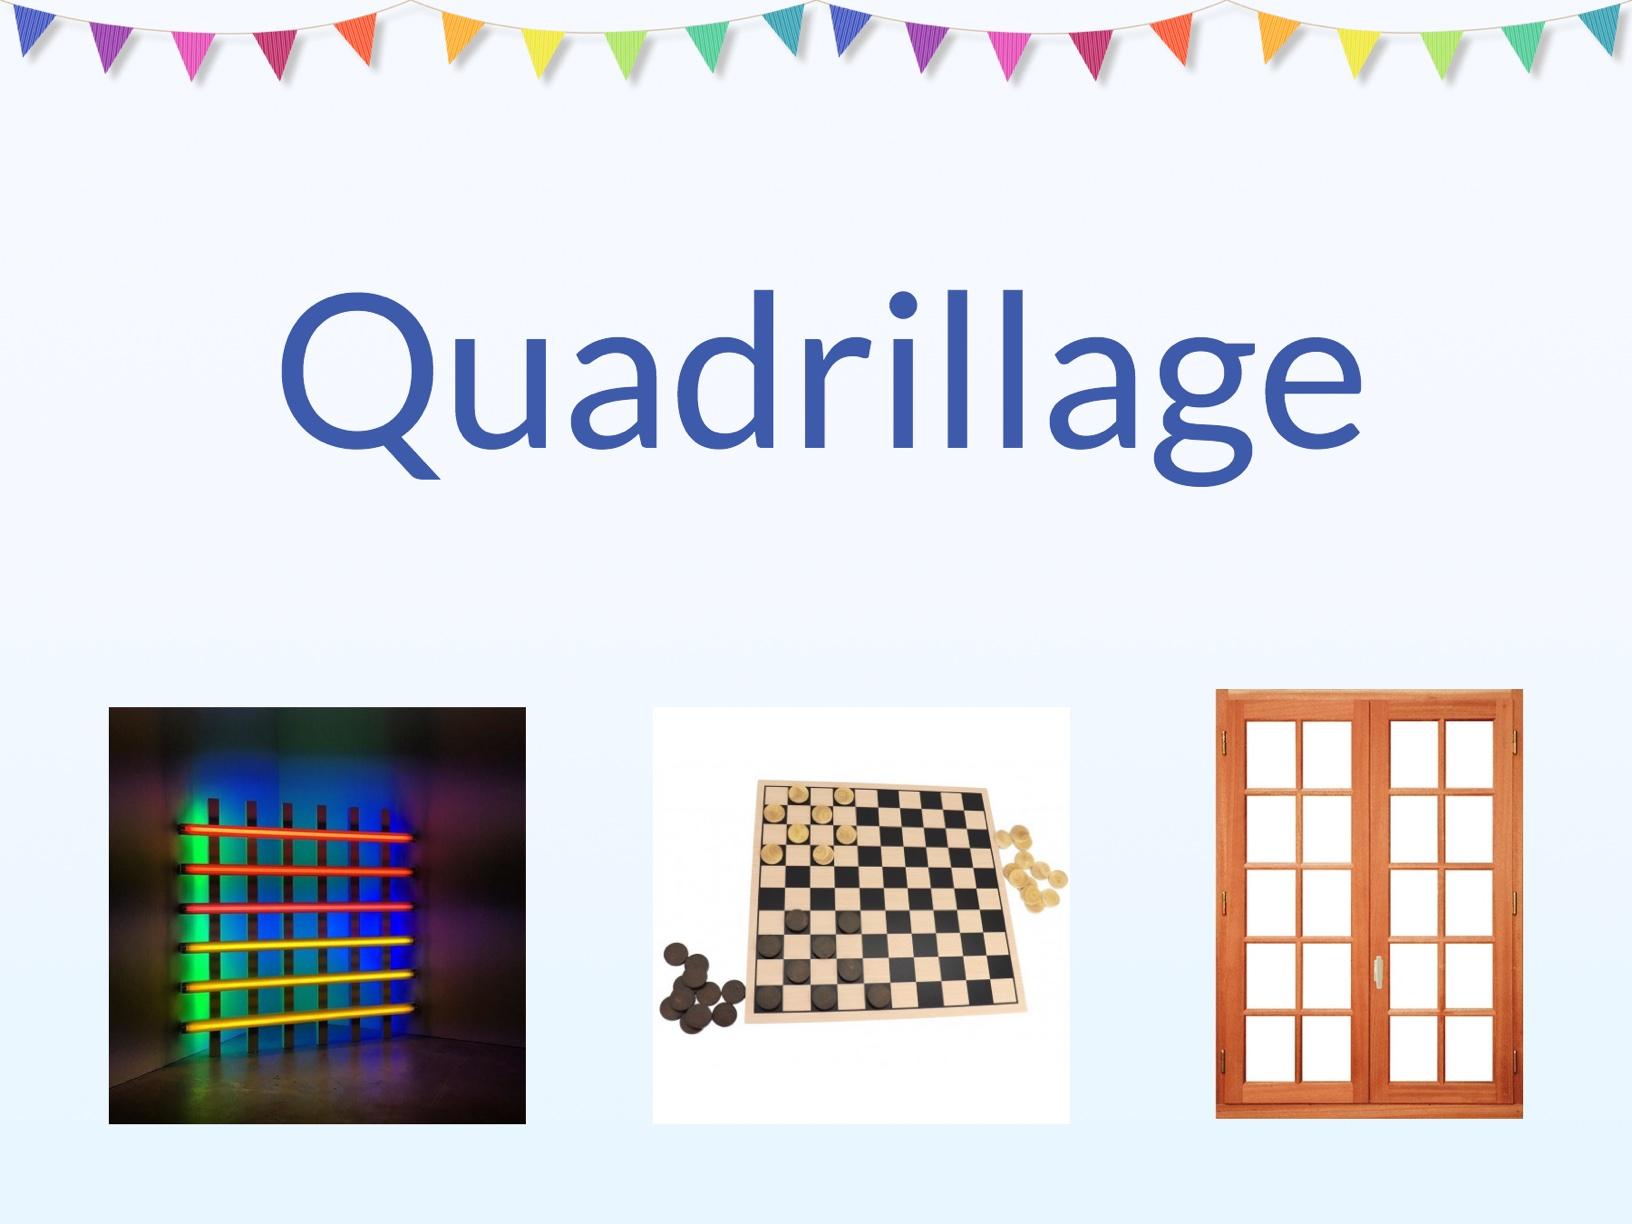 Quadrillage